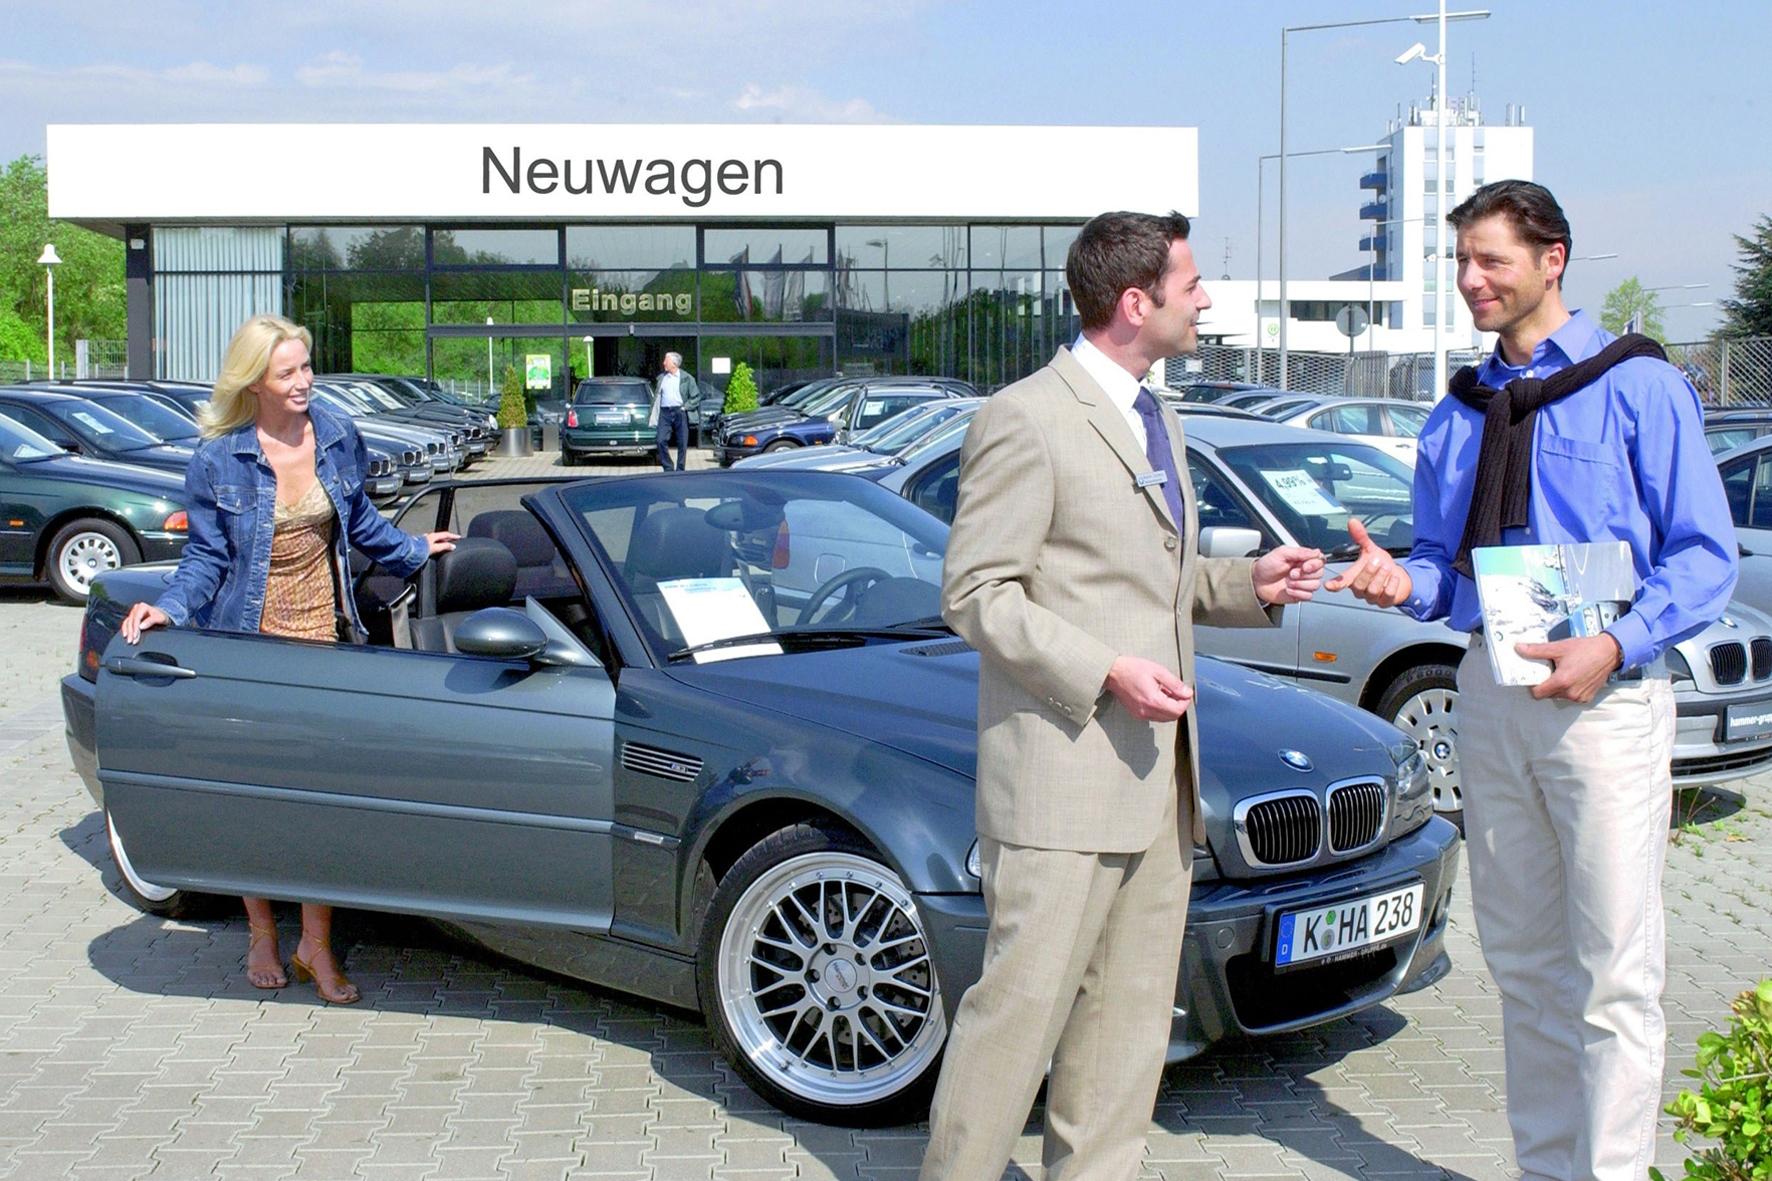 mid Groß-Gerau - Die Online-Recherche vor dem Autokauf gibt einen guten Anhaltspunkt, ersetzt aber keinesfalls die kompetente Beratung vor Ort.